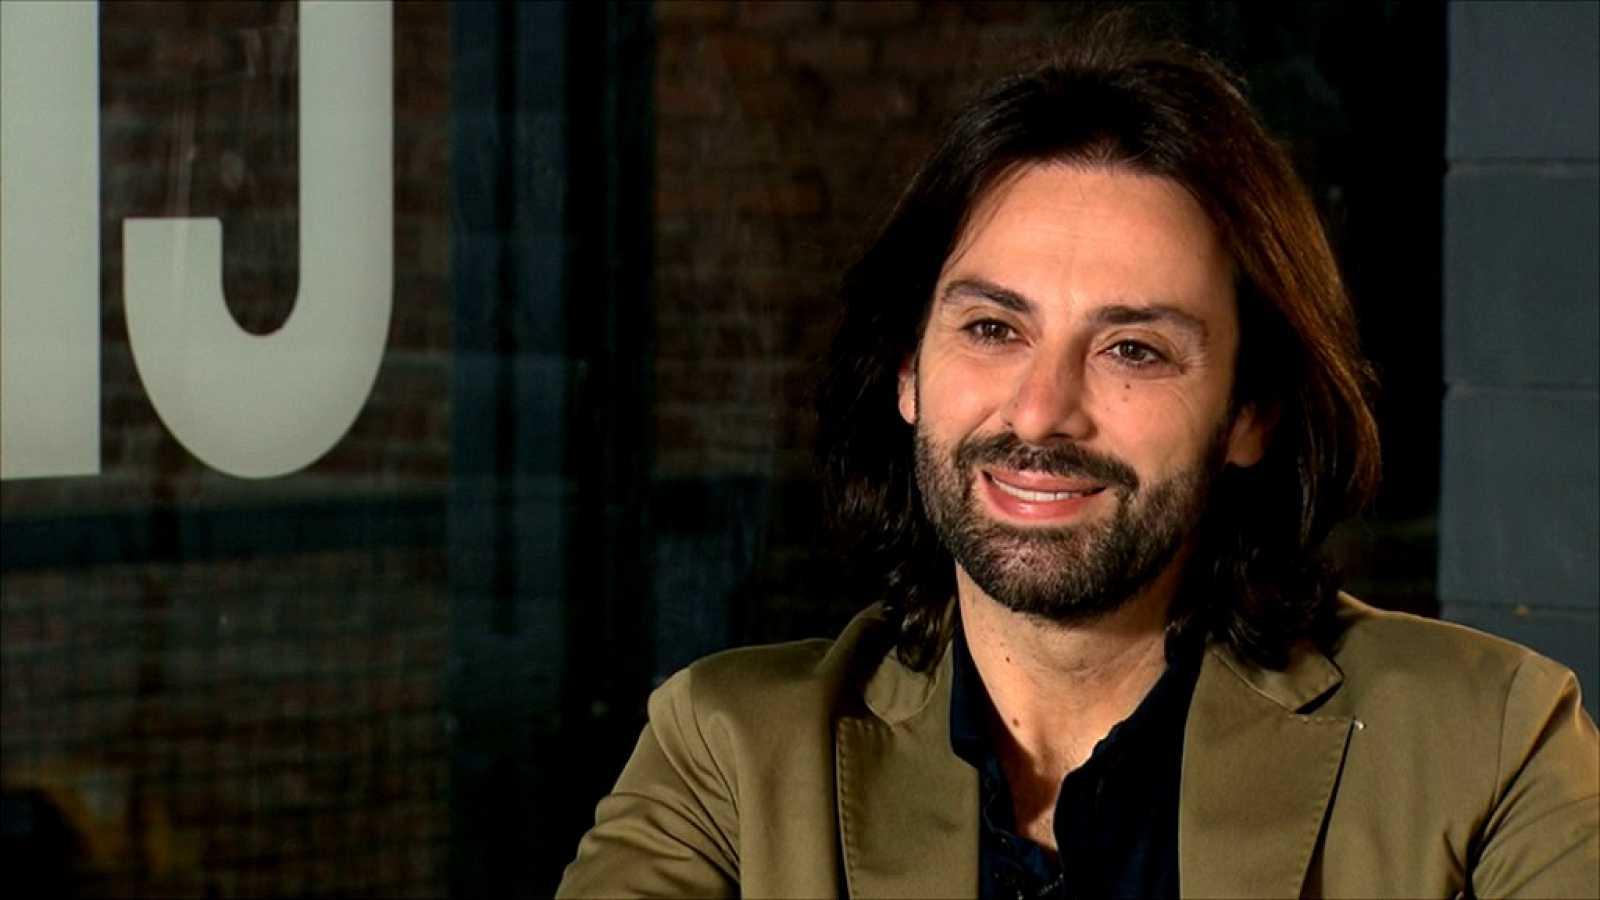 Entrevista completa con Carlo D'Ursi, actor, productor de cine y director